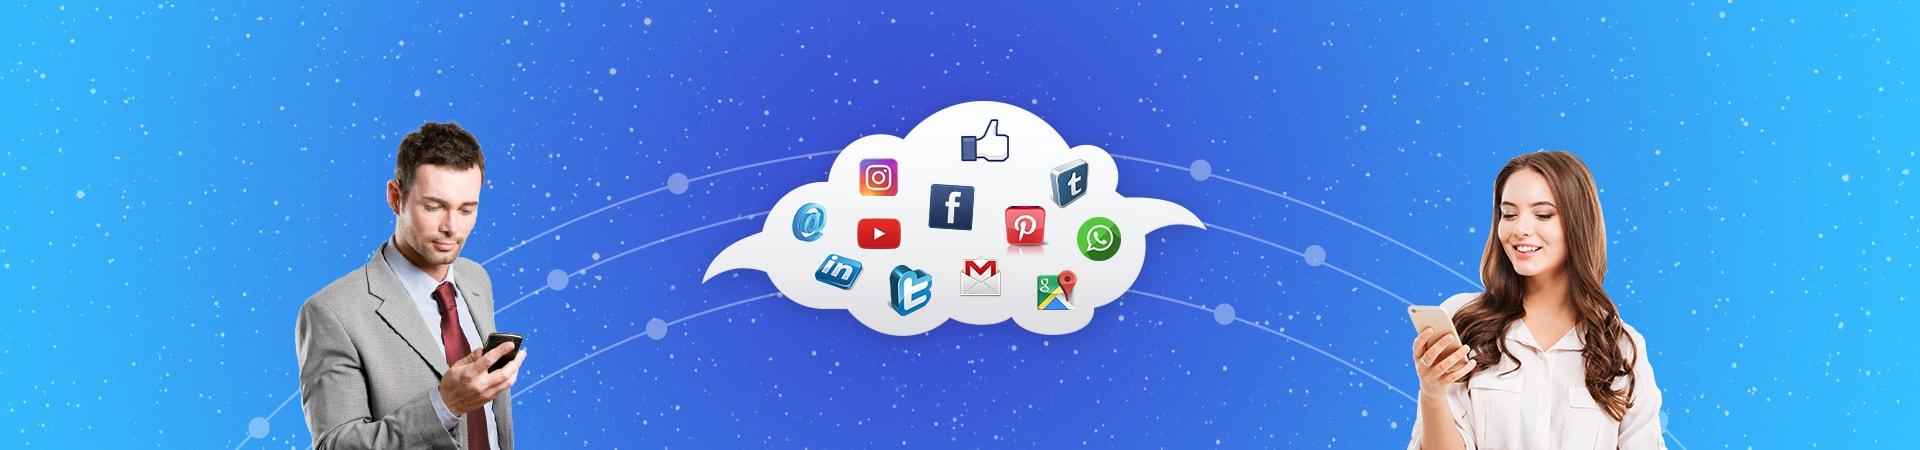 Administración de Redes Sociales - Andonie Tech